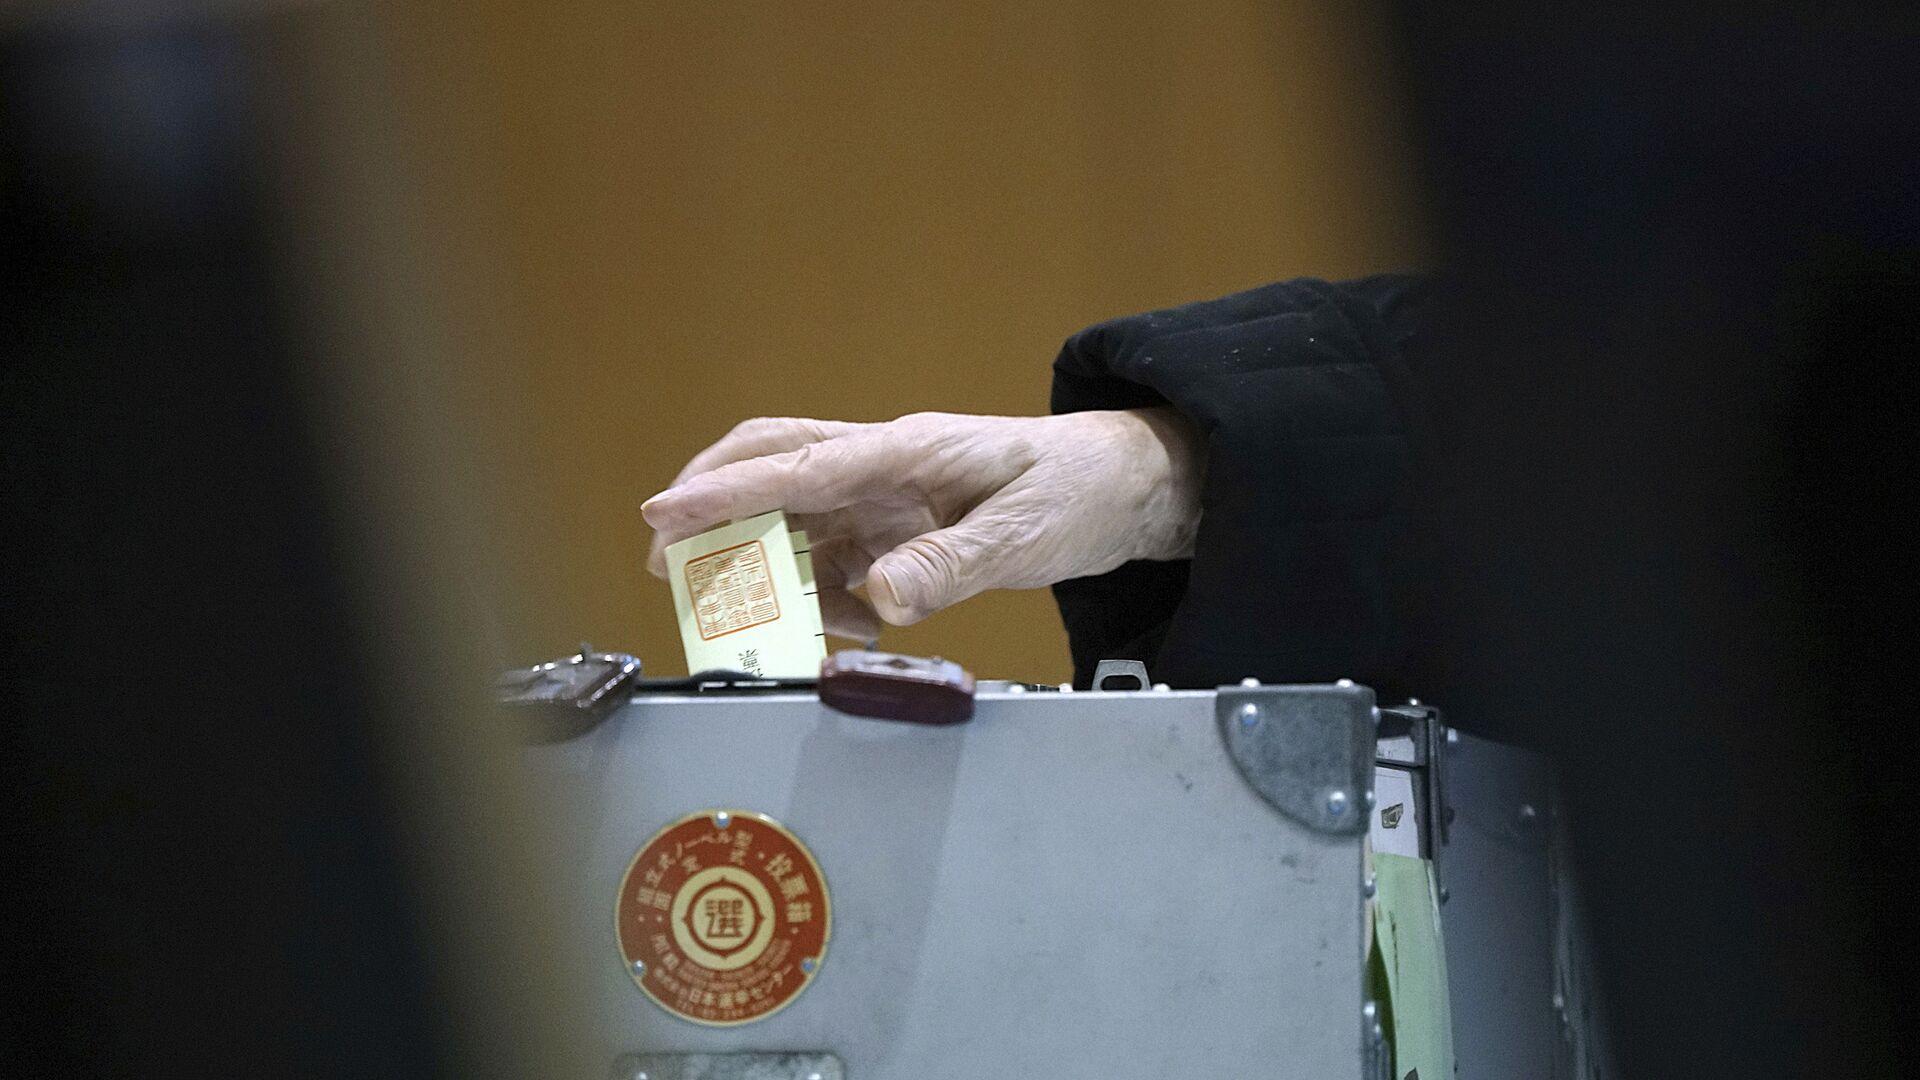 選挙【アーカイブ】 - Sputnik 日本, 1920, 05.07.2021